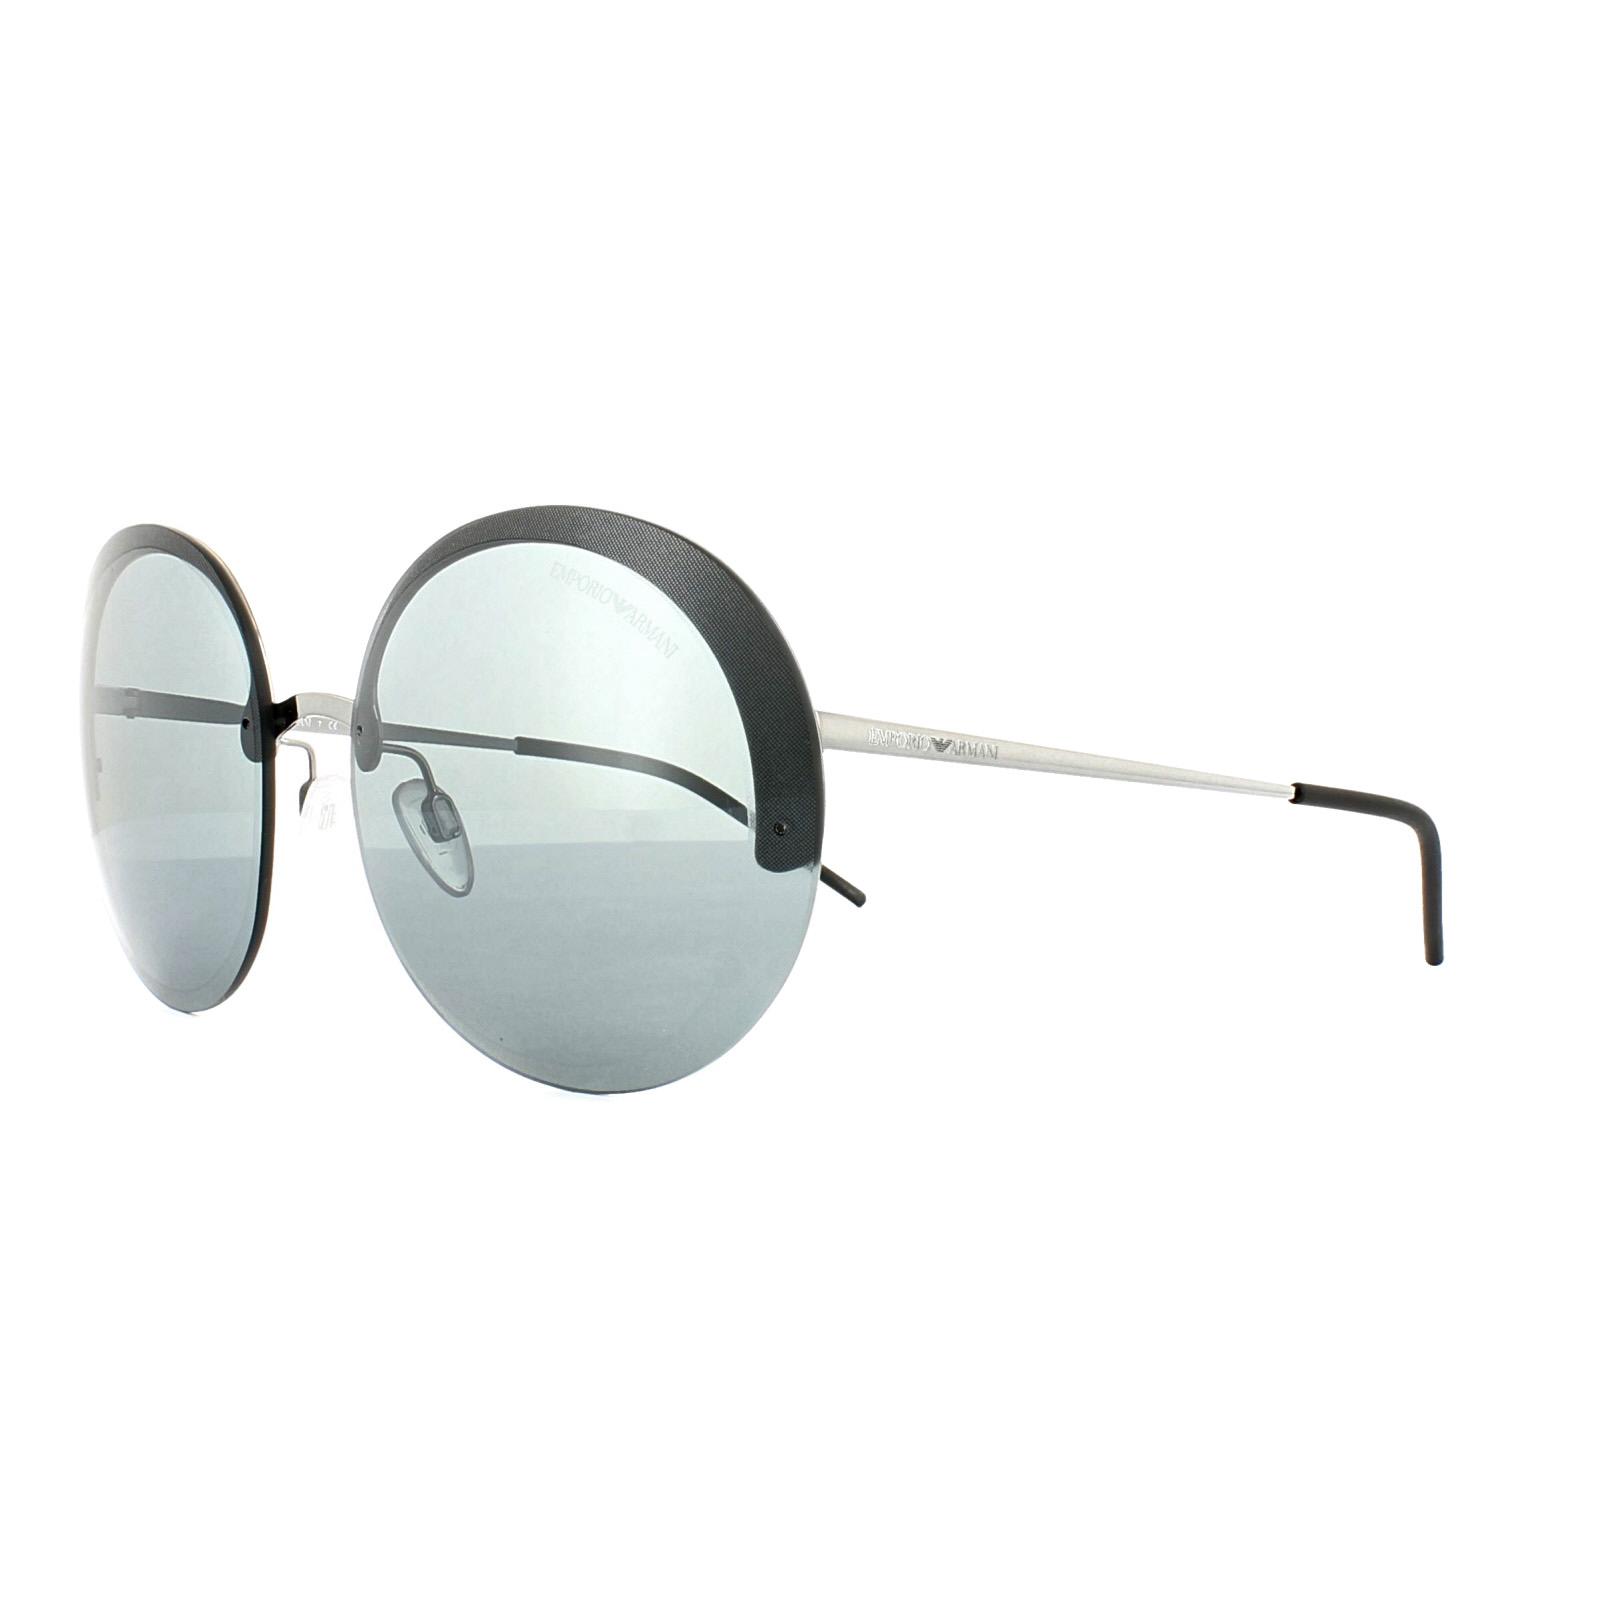 039b62e0a4 CENTINELA Emporio Armani gafas de sol 3010/6G 2044 Gunmetal gris espejo gris  negro